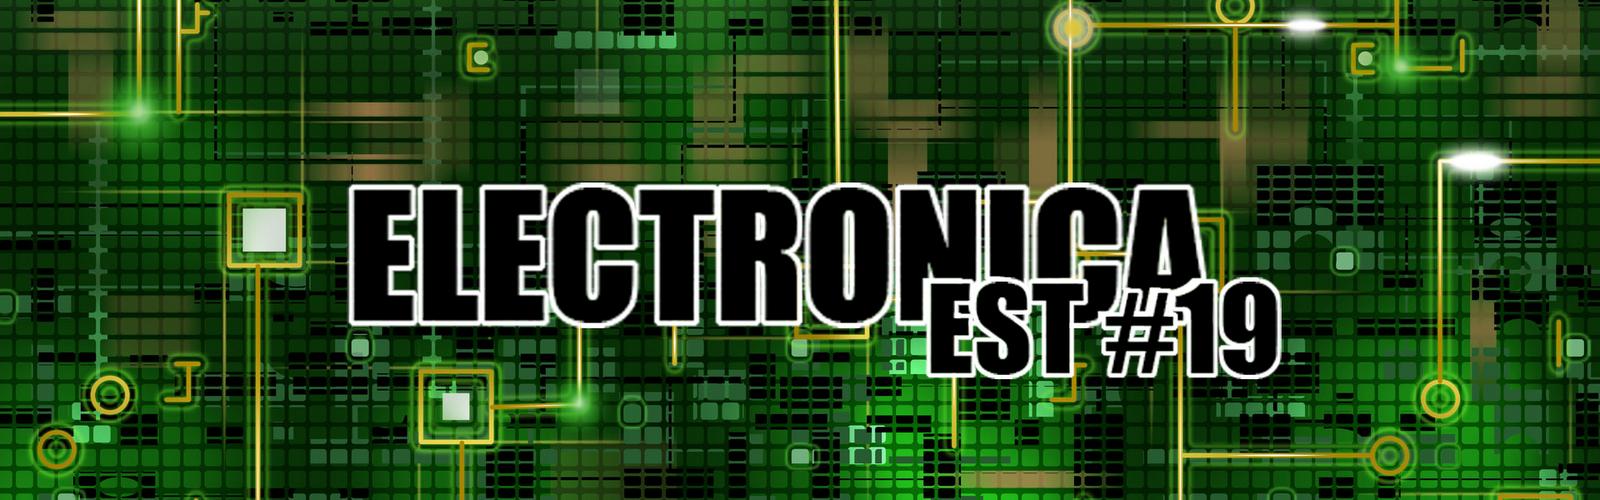 Electronica E.S.T #19